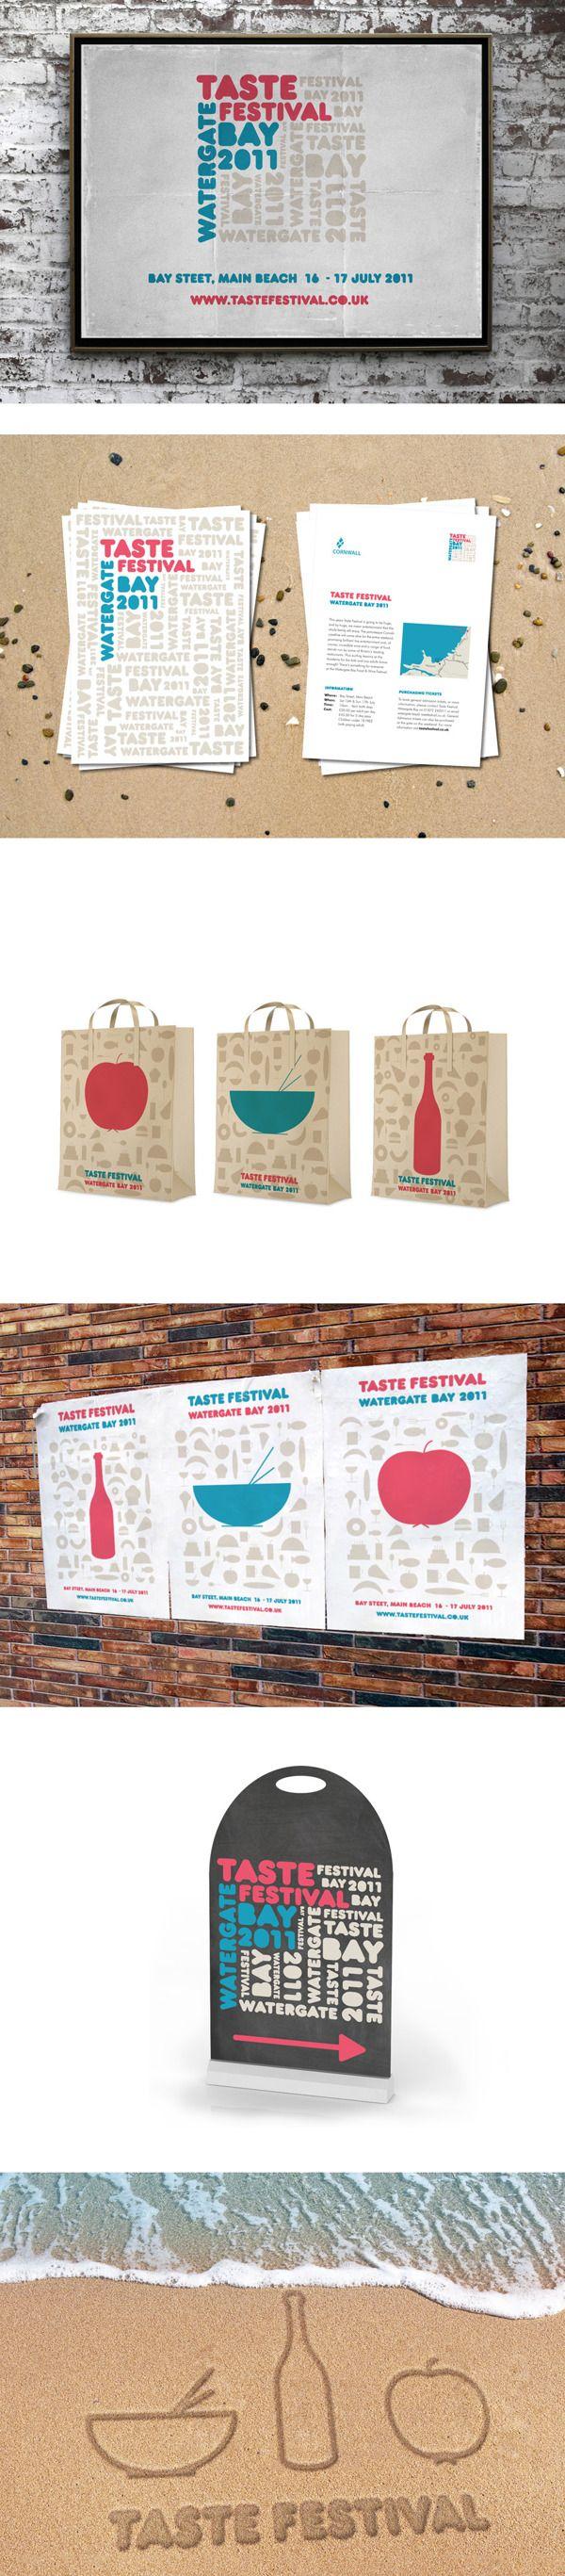 Taste Festival by Ven Klement, via Behance